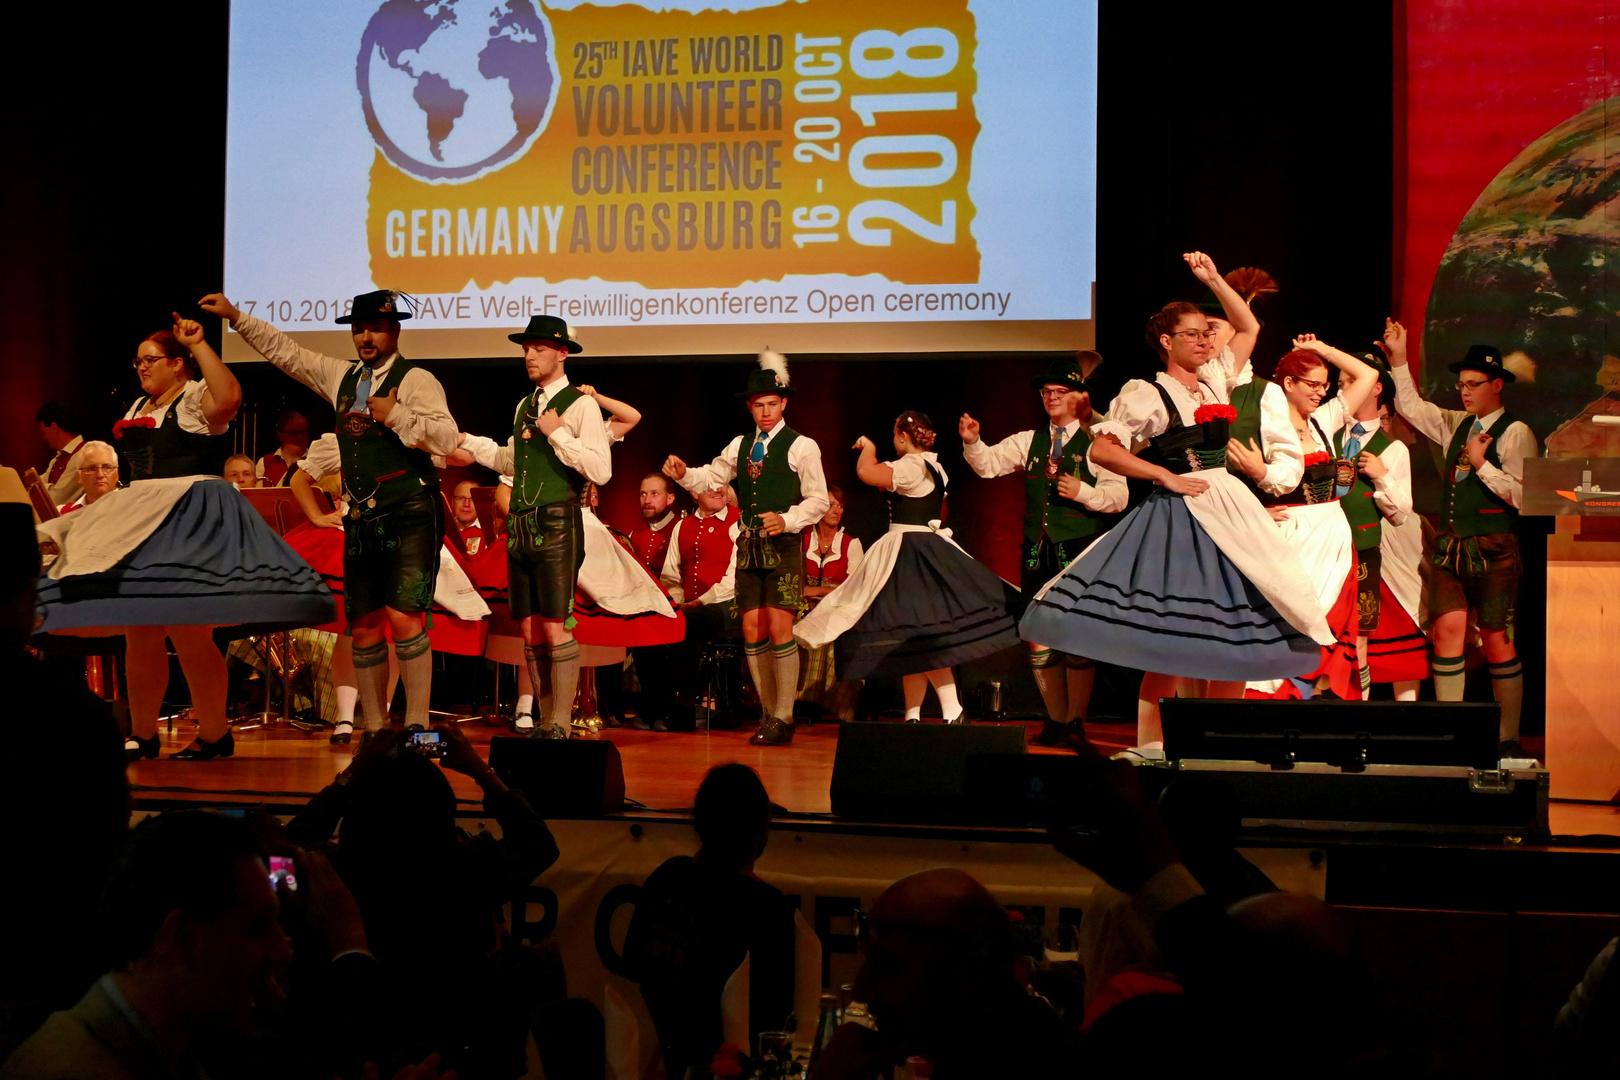 25. IAVE Welt-Freiwilligenkonferenz 2018 in Augsburg - Deutschland - 17.10.2018 Kongress am Park Galadinner - Foto: Christoph Urban - Freiwilligen-Zentrum Augsburg